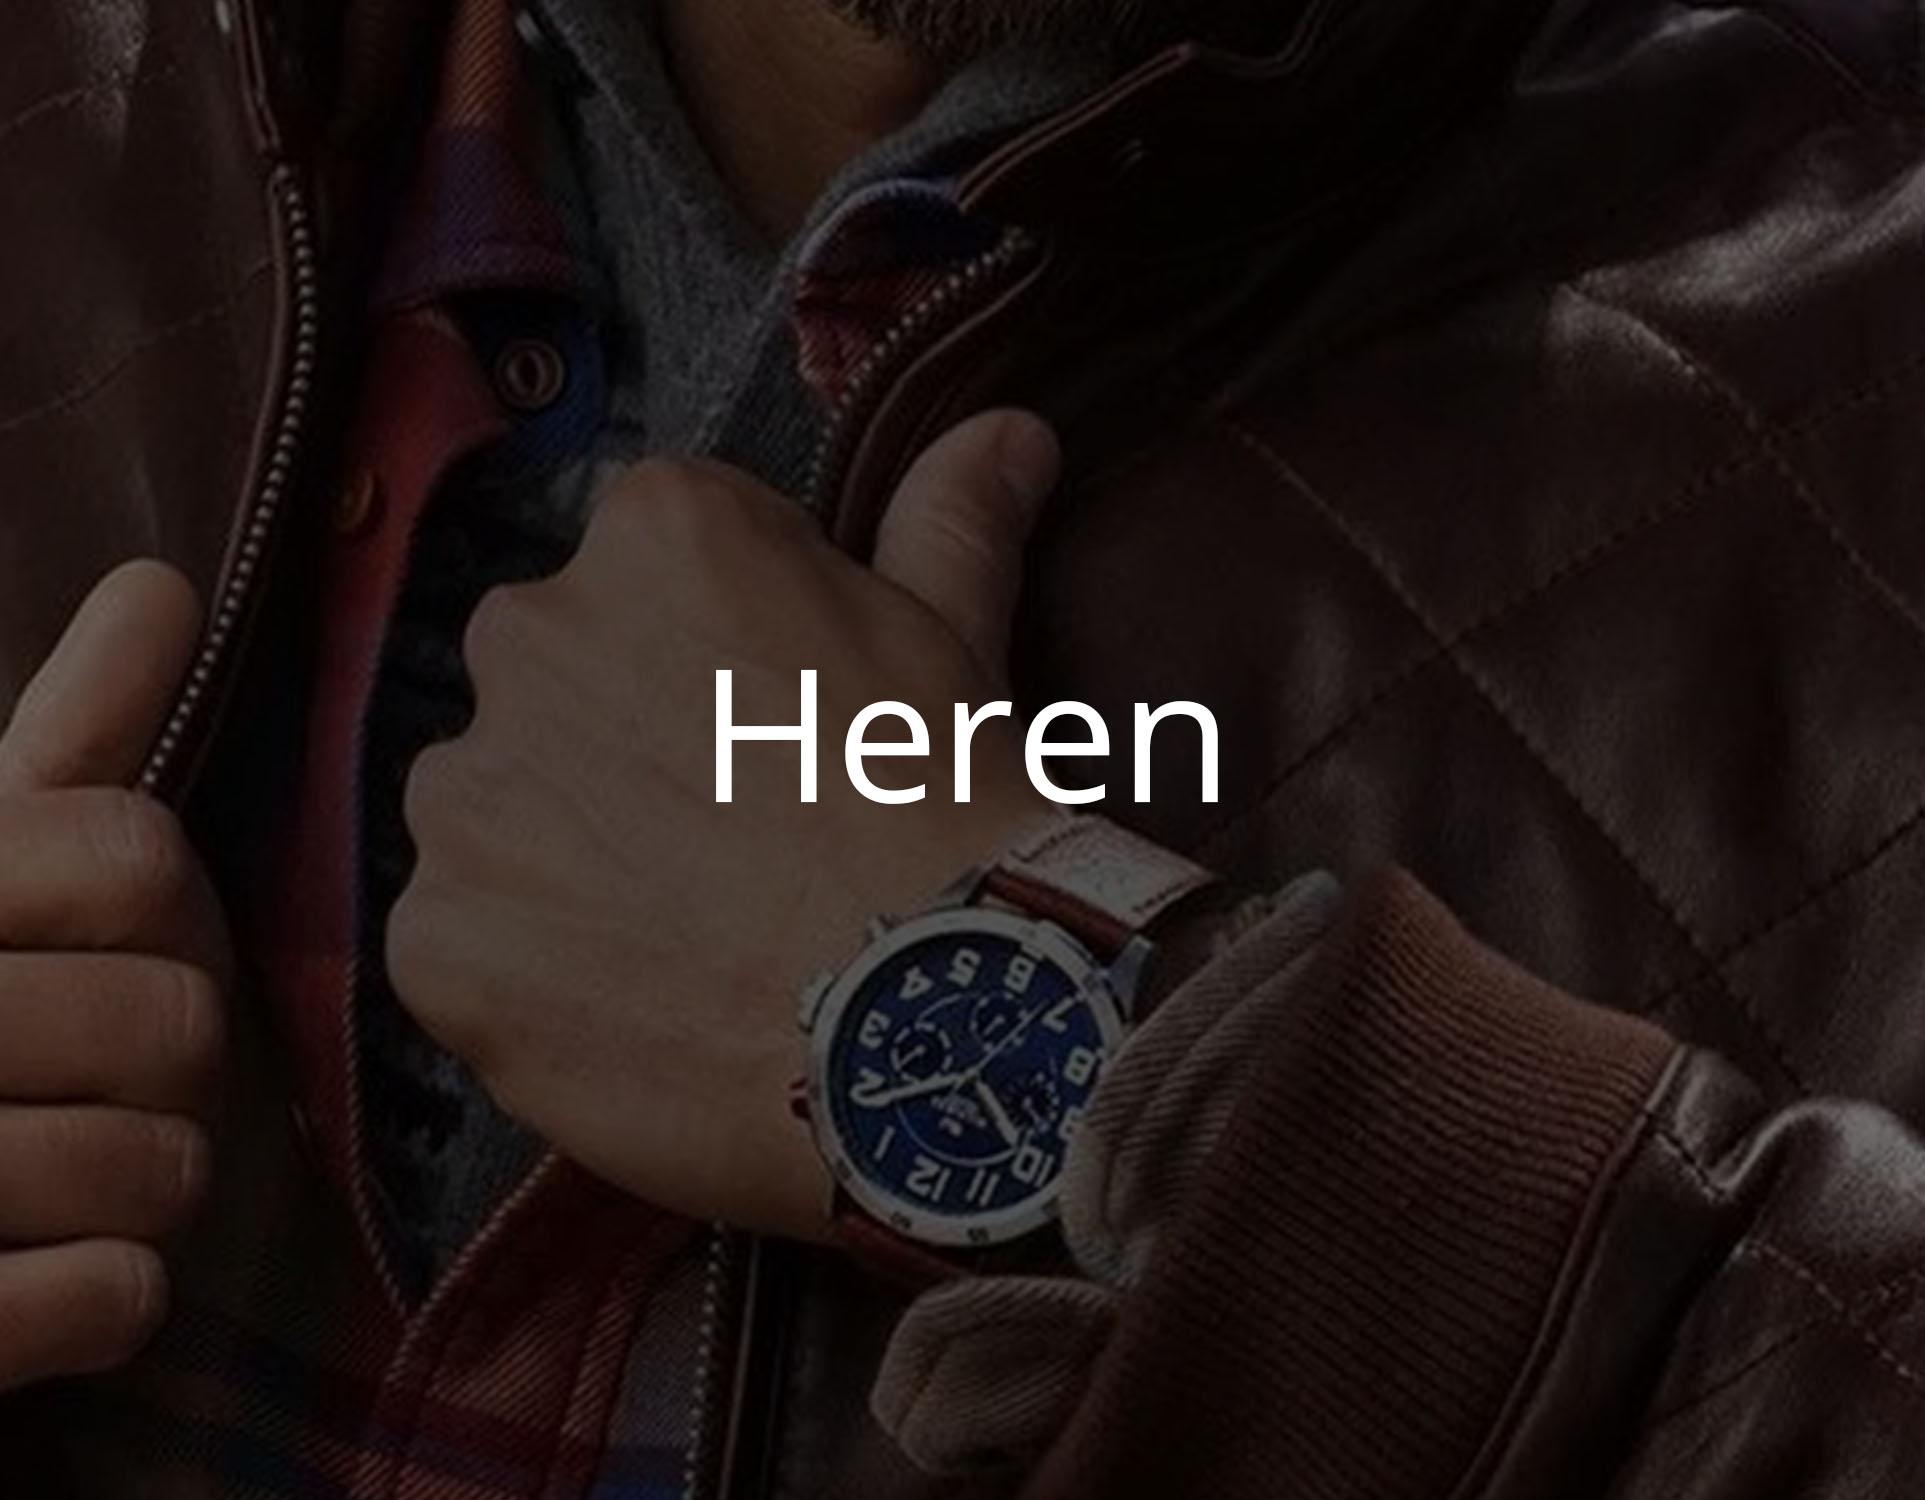 Heren02